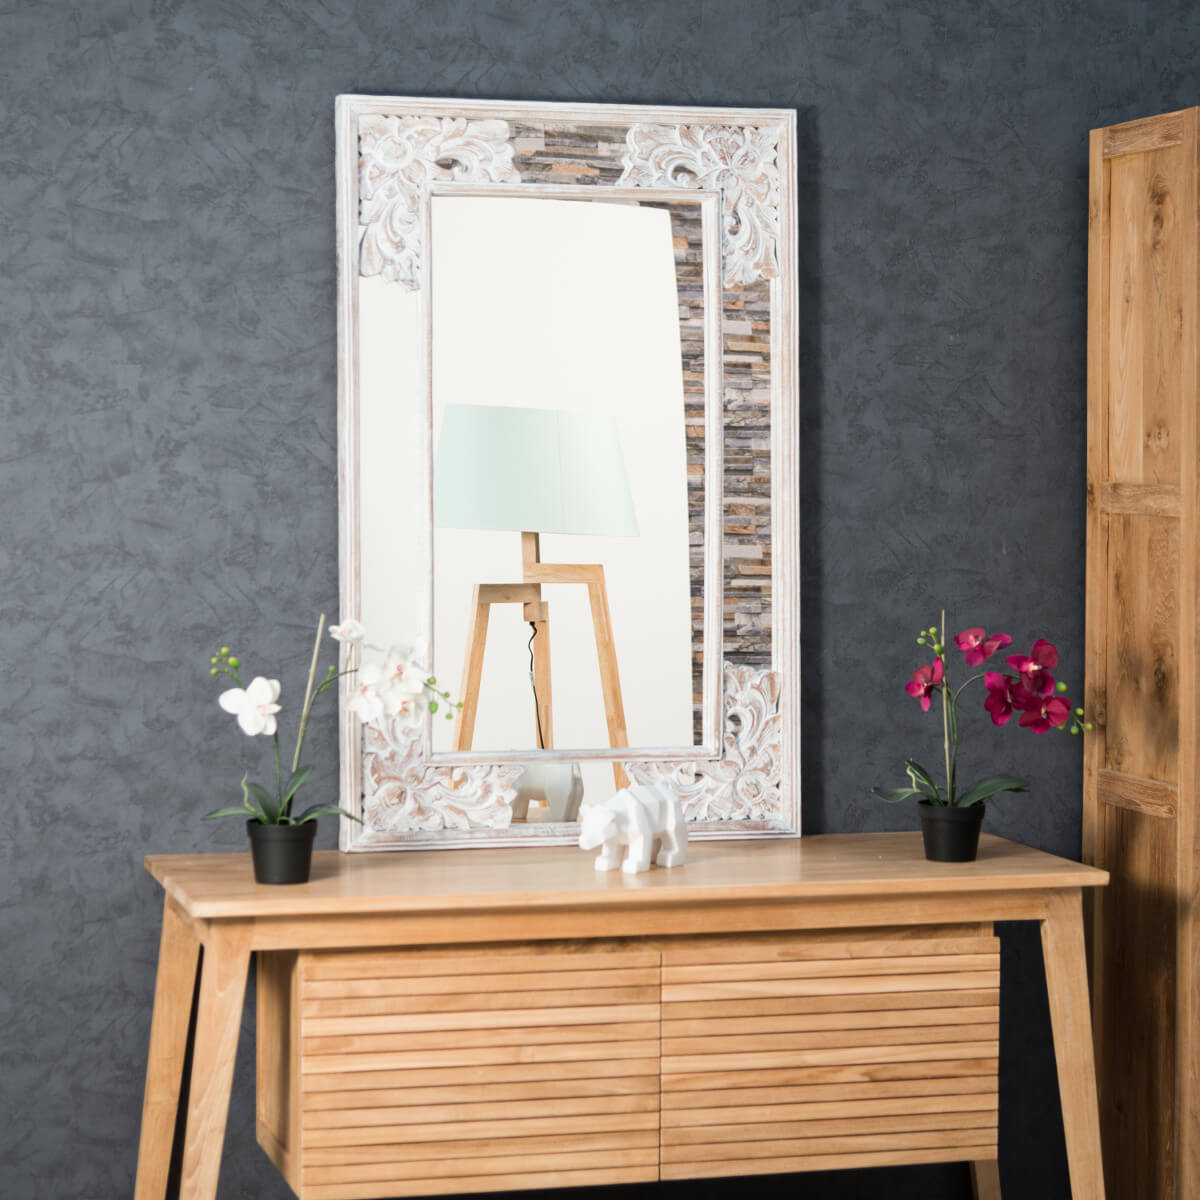 Miroir de d coration en bois massif mathilde carr for Miroir bois salon